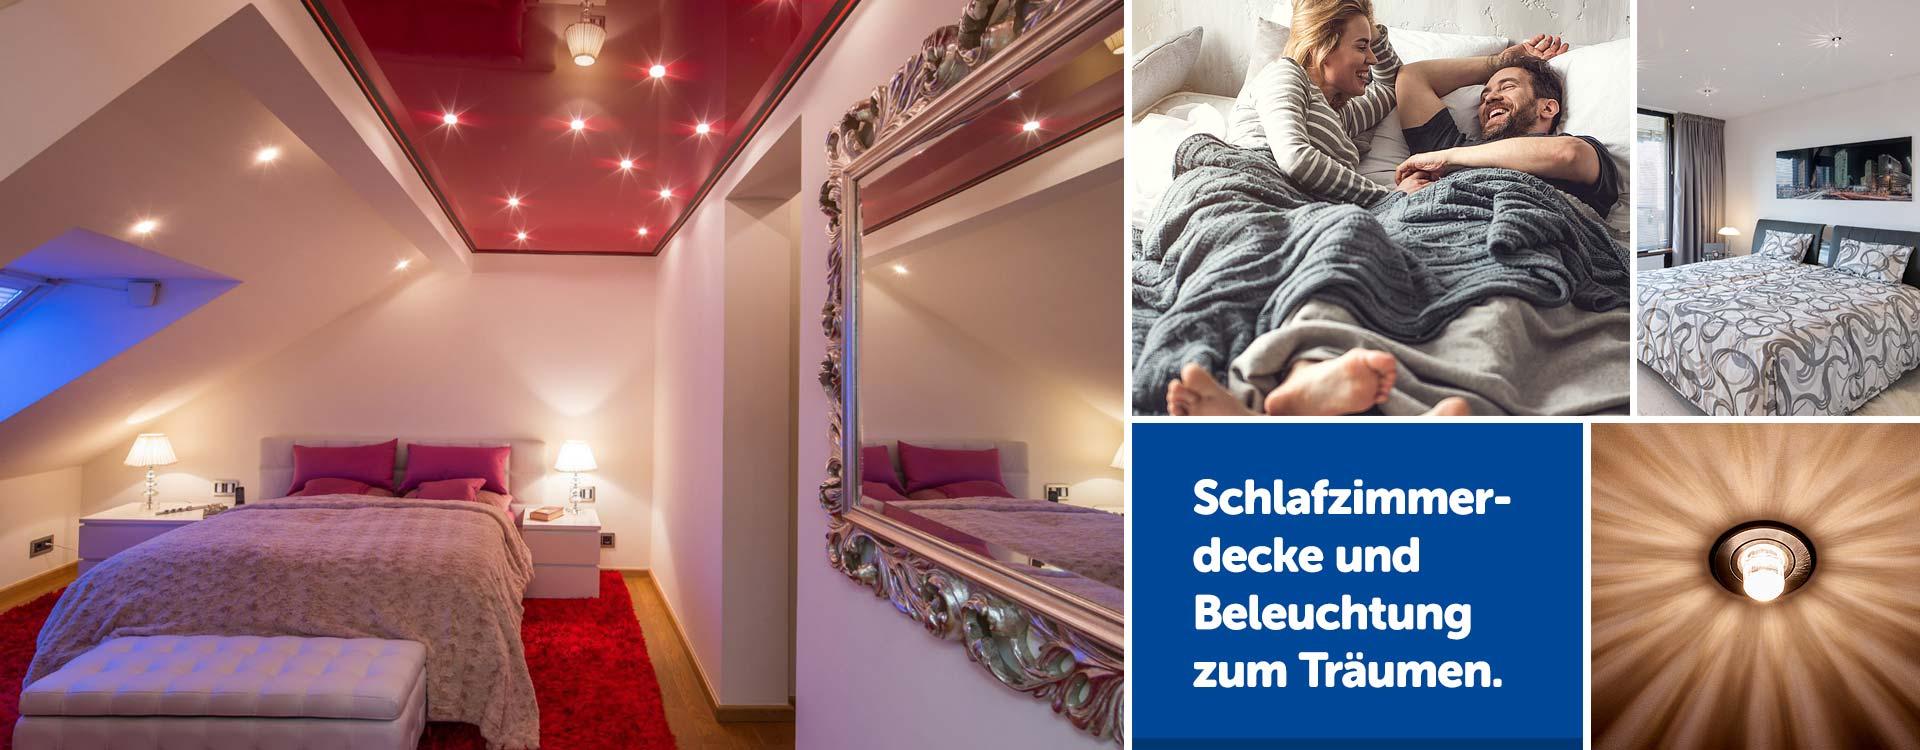 Schlafzimmerdecke renovieren mit PLAMECO Spanndecke in Siegen und Umgebung